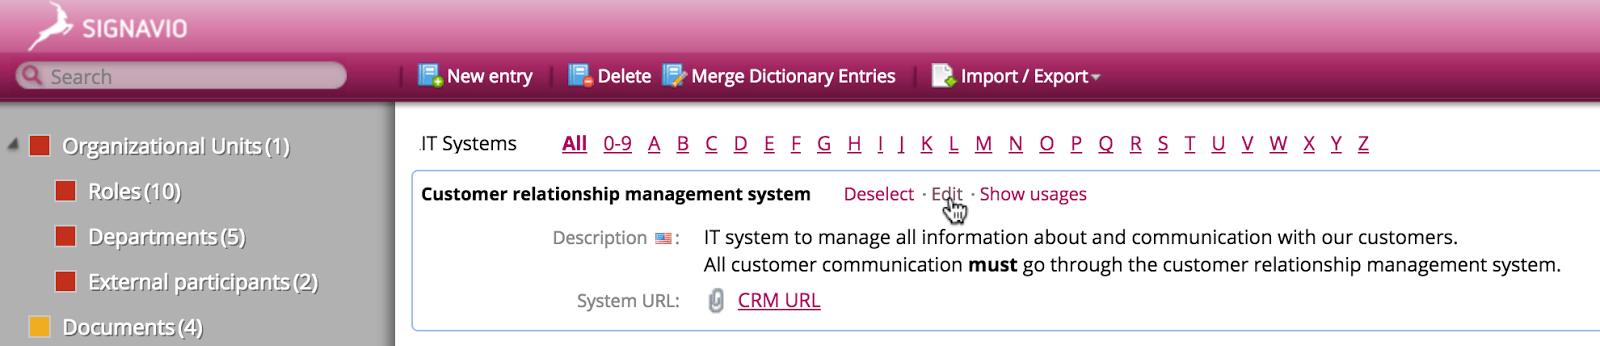 Edit dictionary entry in Signavio Process Editor